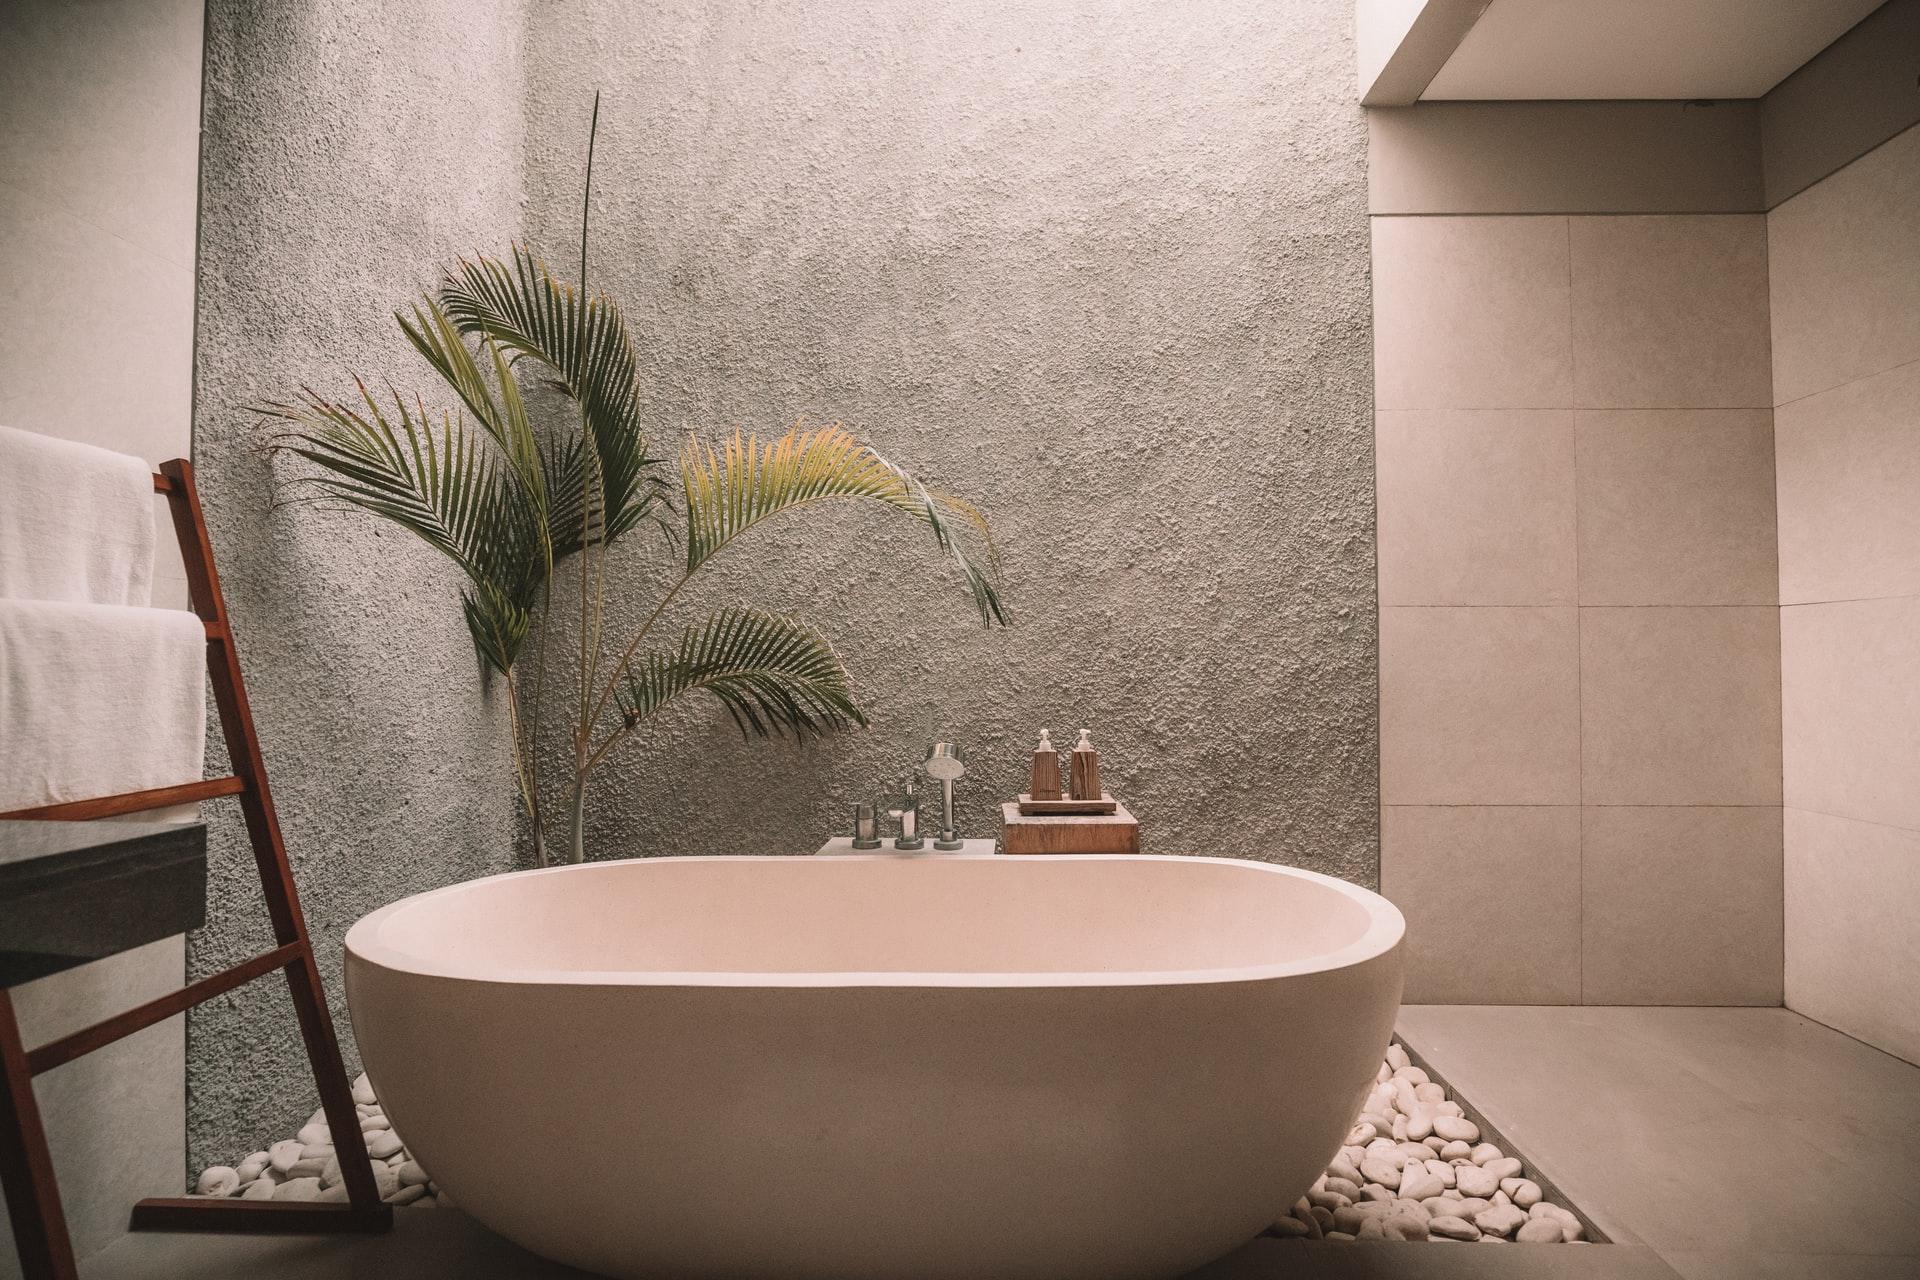 Kylpyhuoneen remontti ja vastuunjako